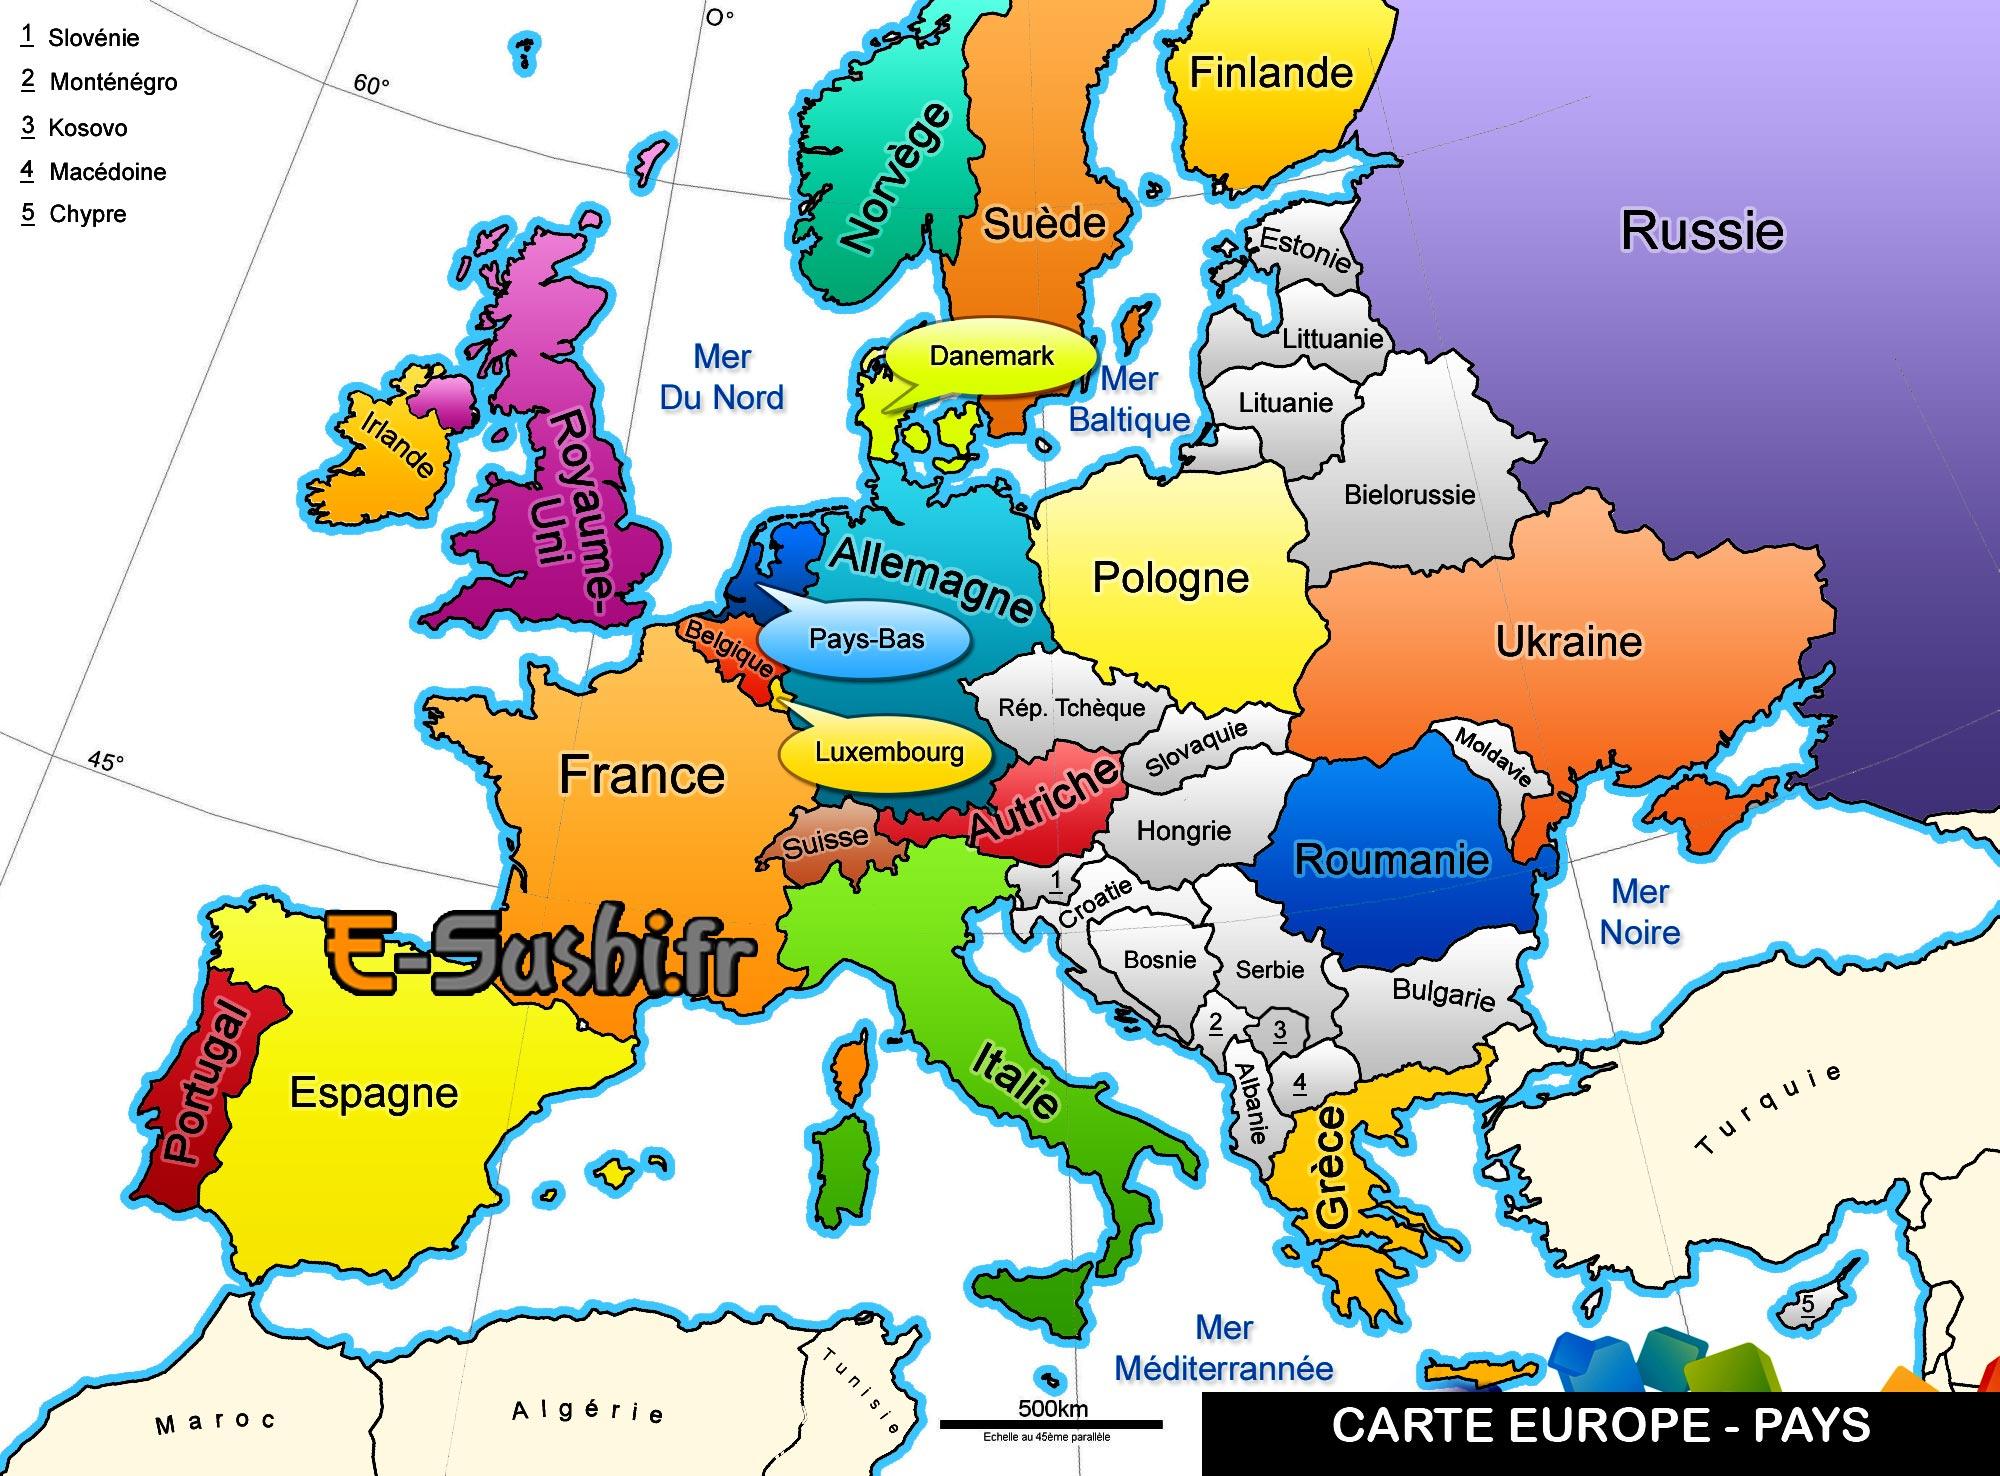 Carte Europe - Géographie Des Pays - Arts Et Voyages dedans Carte Pays D Europe